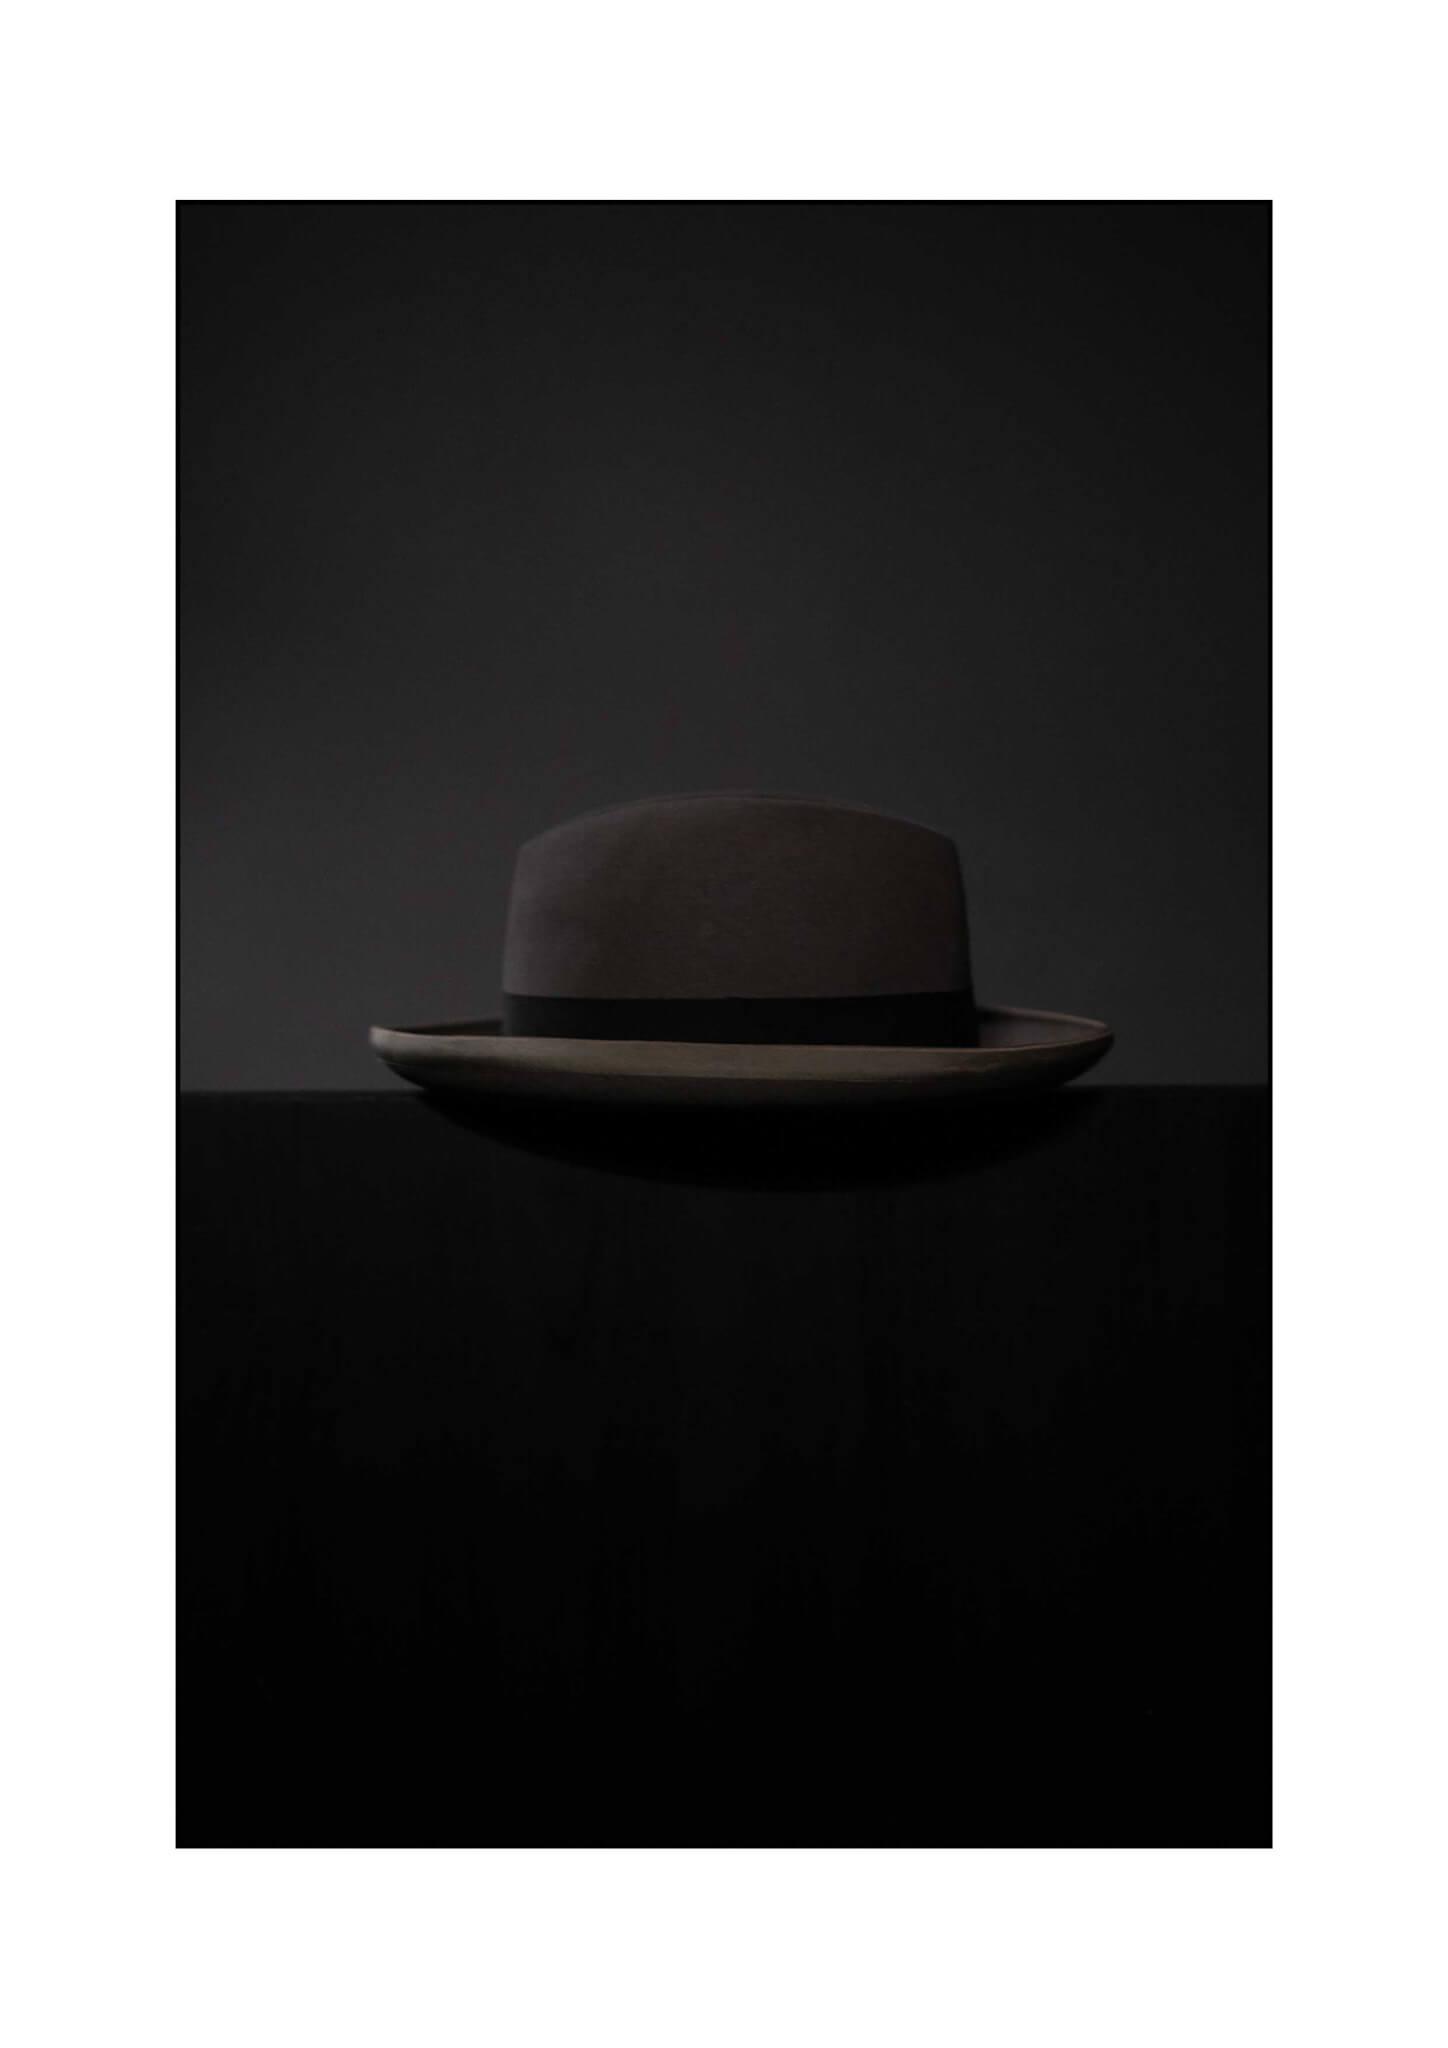 DD5E2683 8024 4253 95DD D23CFA898FB4 - That Hat!